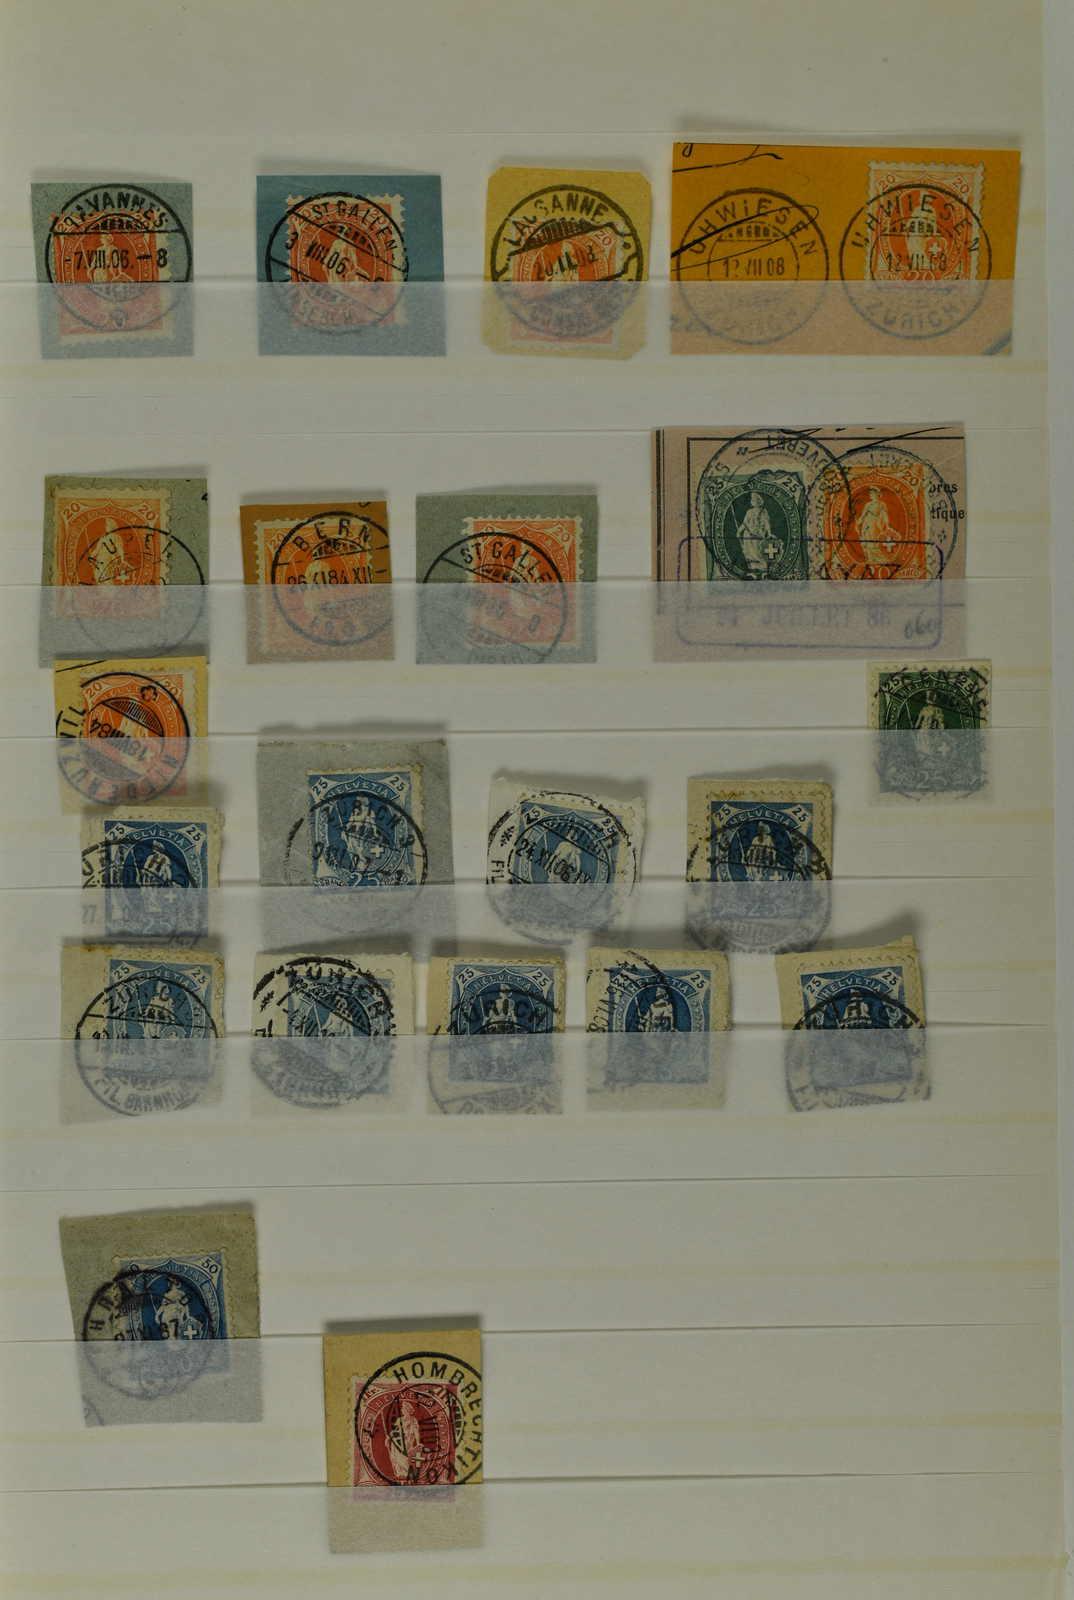 Lot 429 - schweiz schweiz stehende helvetia -  Schwarzenbach Auktion Zurich 67th Auction - Session II